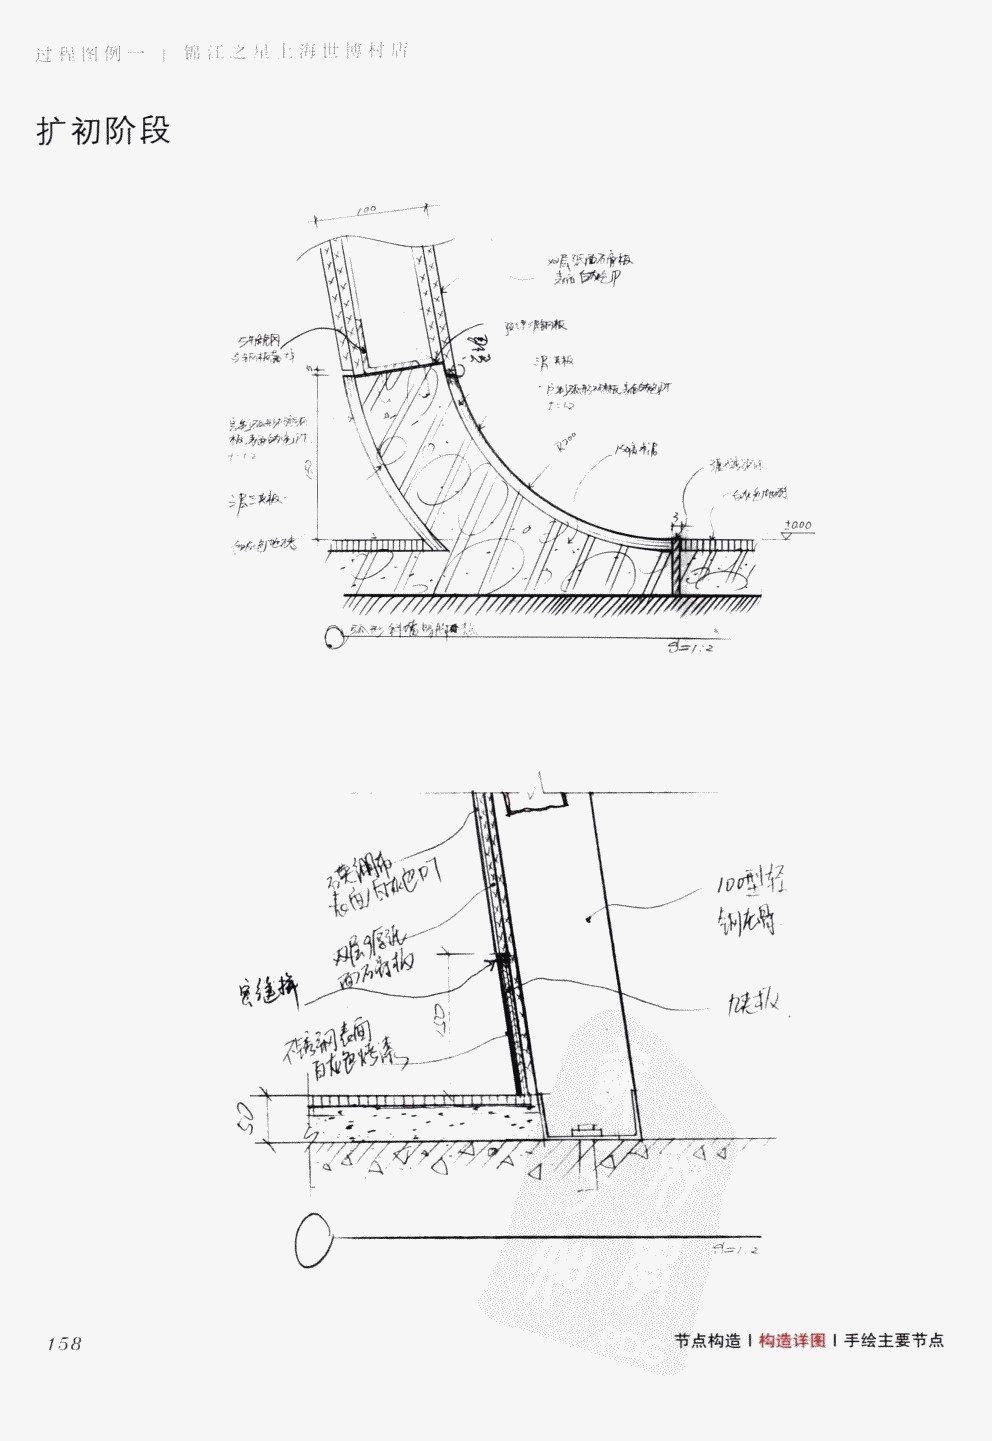 室内设计纲要++概念思考与过程表达_室内设计纲要  概念思考与过程表达_1297982..._页面_166.jpg